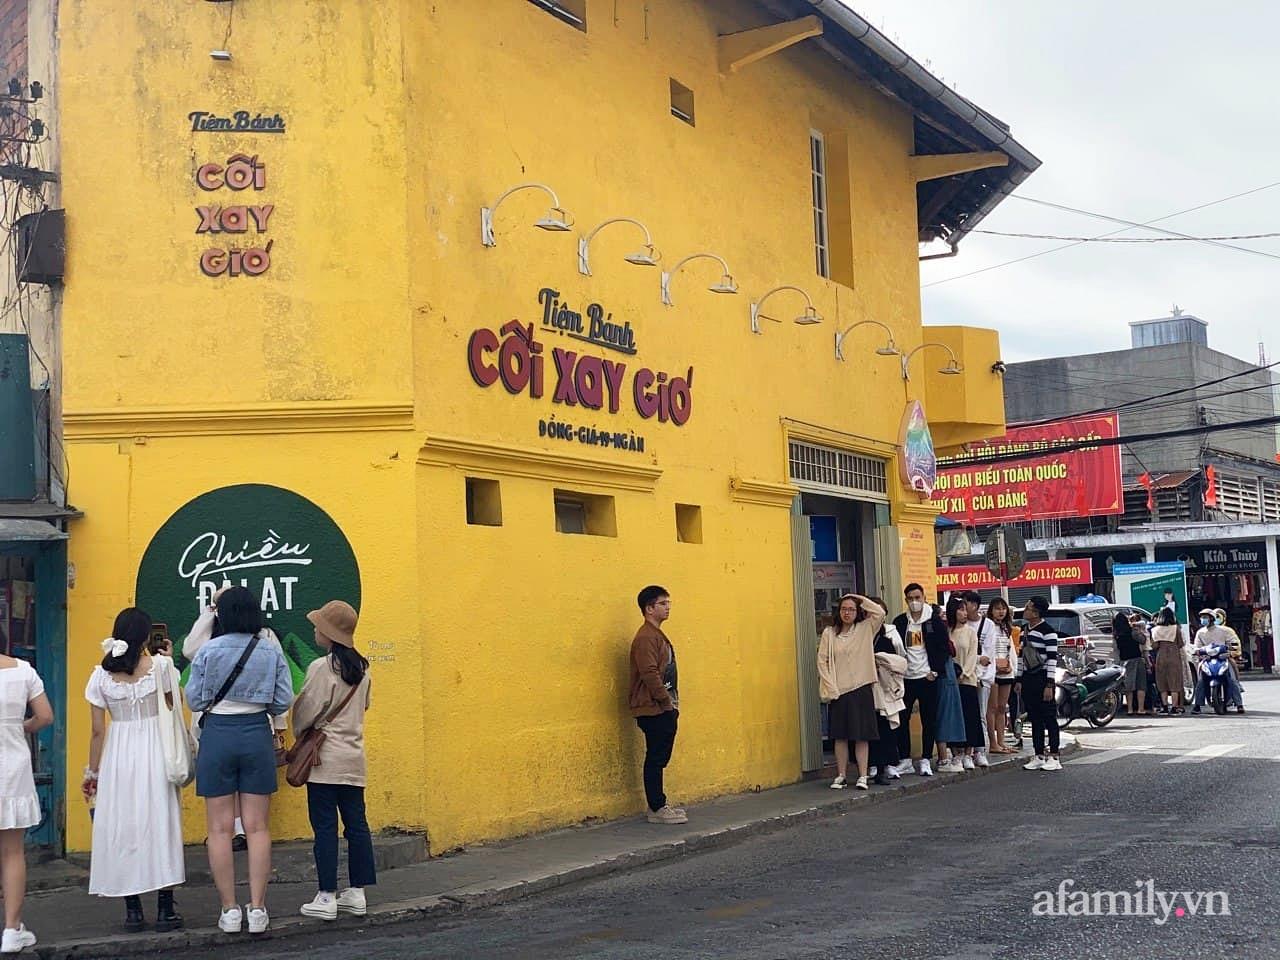 Hay tin bức tường vàng nổi tiếng của tiệm bánh Cối Xay Gió sắp ngừng hoạt động, khách du lịch kéo nhau đến chụp ảnh kỉ niệm đông nghẹt - Ảnh 8.